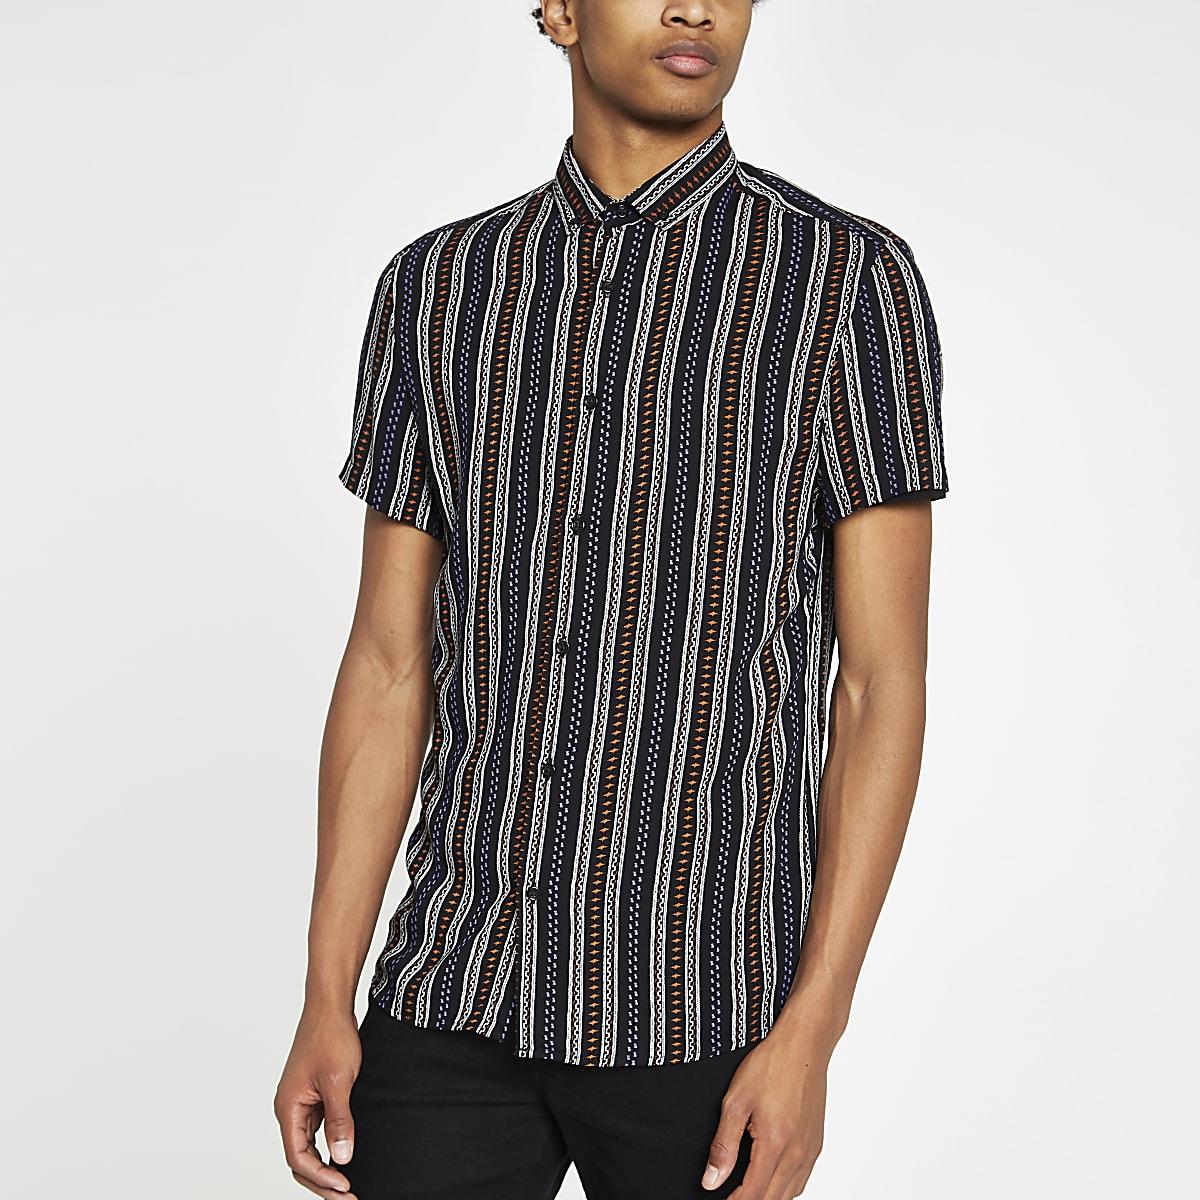 Gestreept Overhemd.Zwarte Gestreept Overhemd Met Azteken Print Overhemden Met Korte